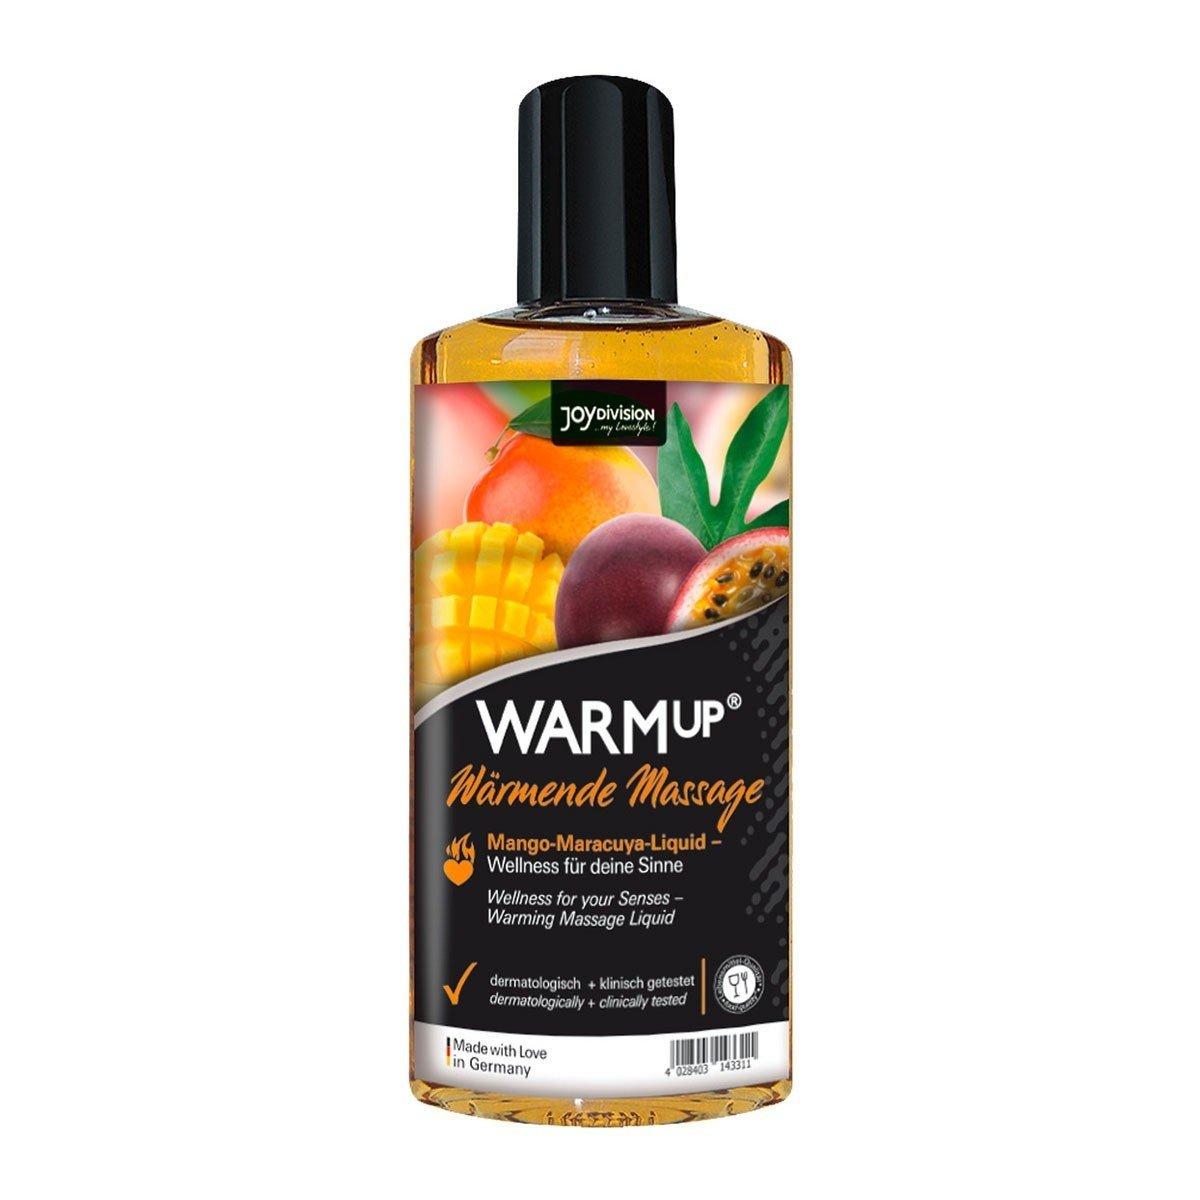 Разогревающий массажный гель Joy Division WARMup с ароматом манго и маракуйи - 150 мл.